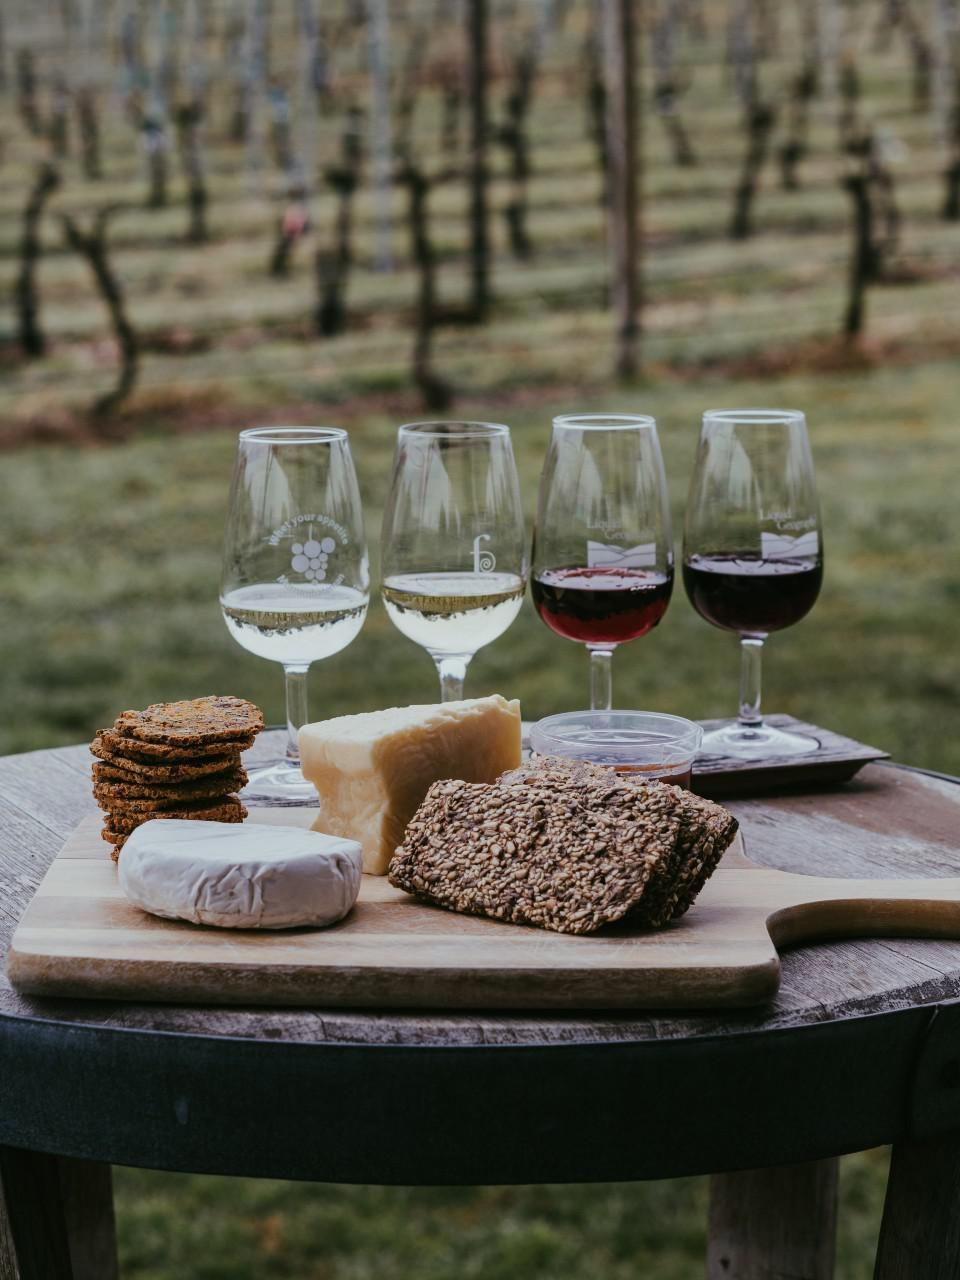 Közönségszavazáson keresik Magyarország kedvenc borait